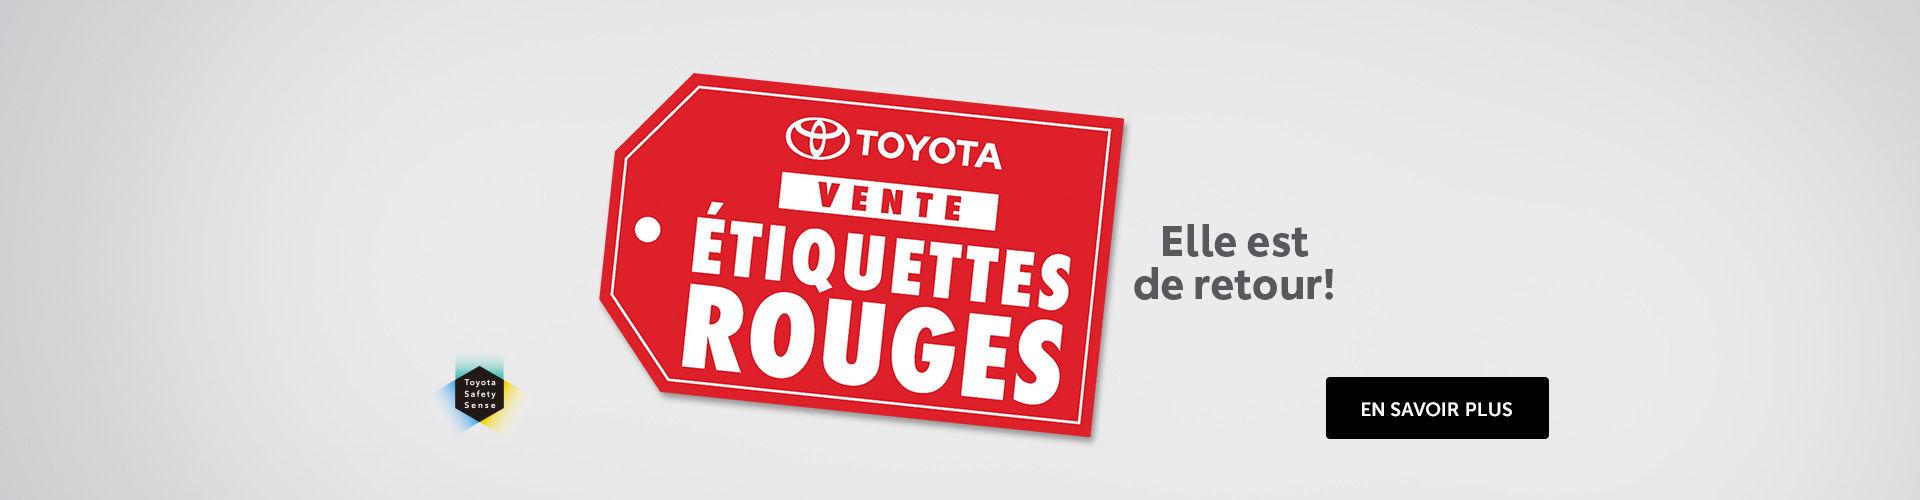 L'événement étiquettes rouges de Toyota!